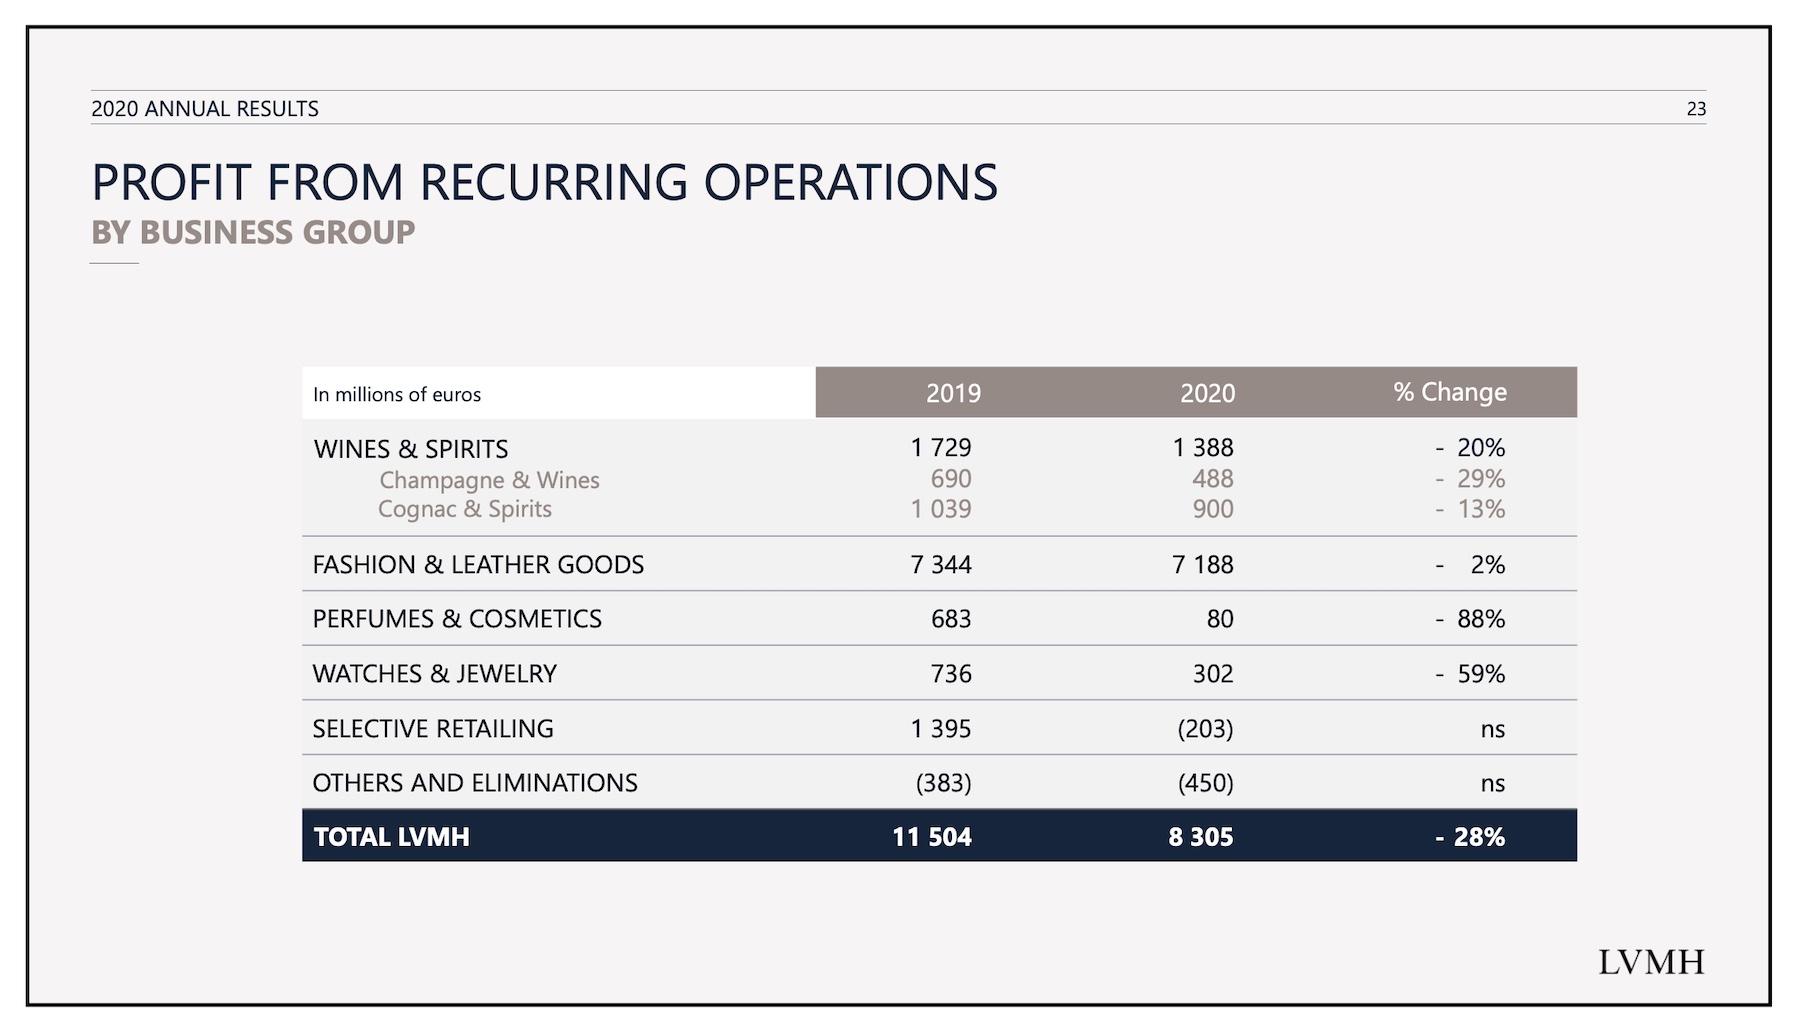 LVMH-2020-Full-Year-Results-2.jpg